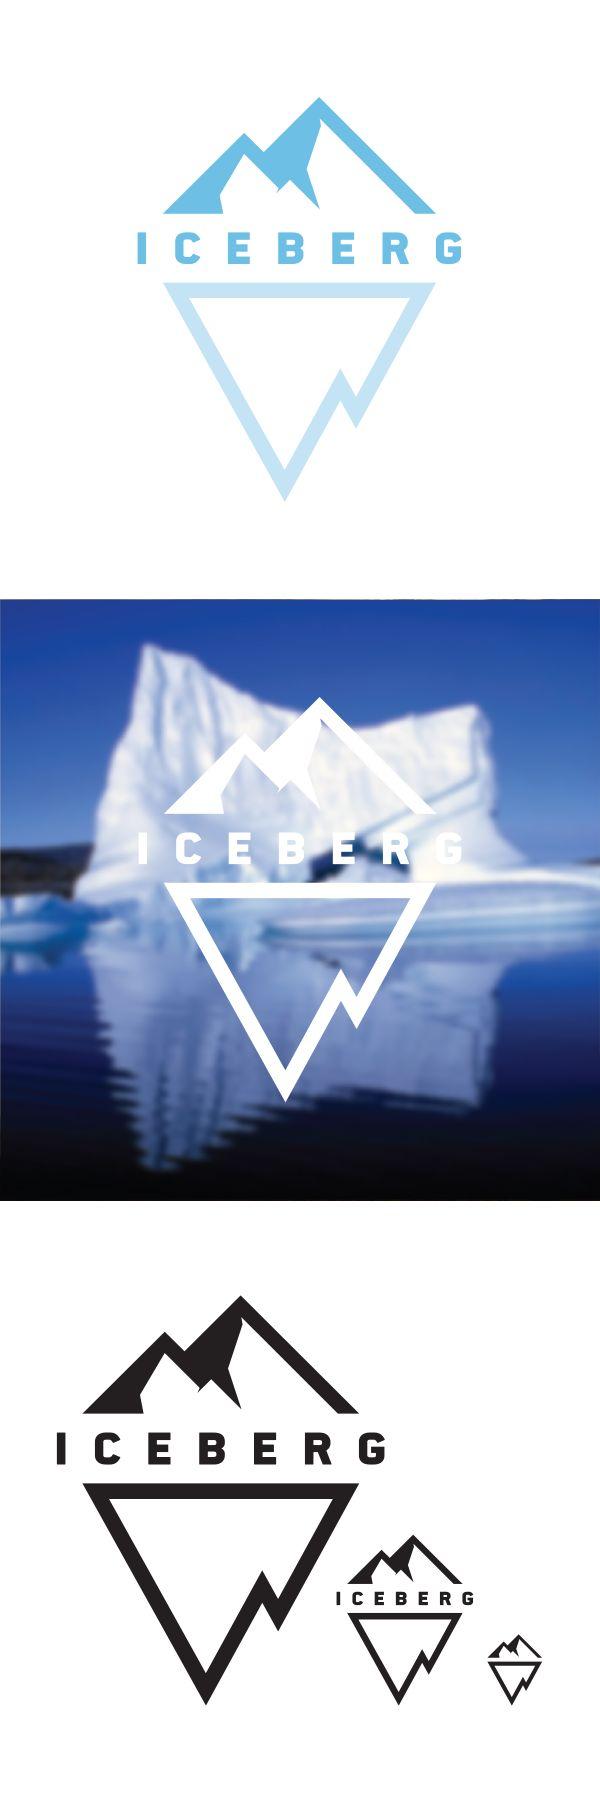 Iceberg Logo Design by Greg White, via Behance